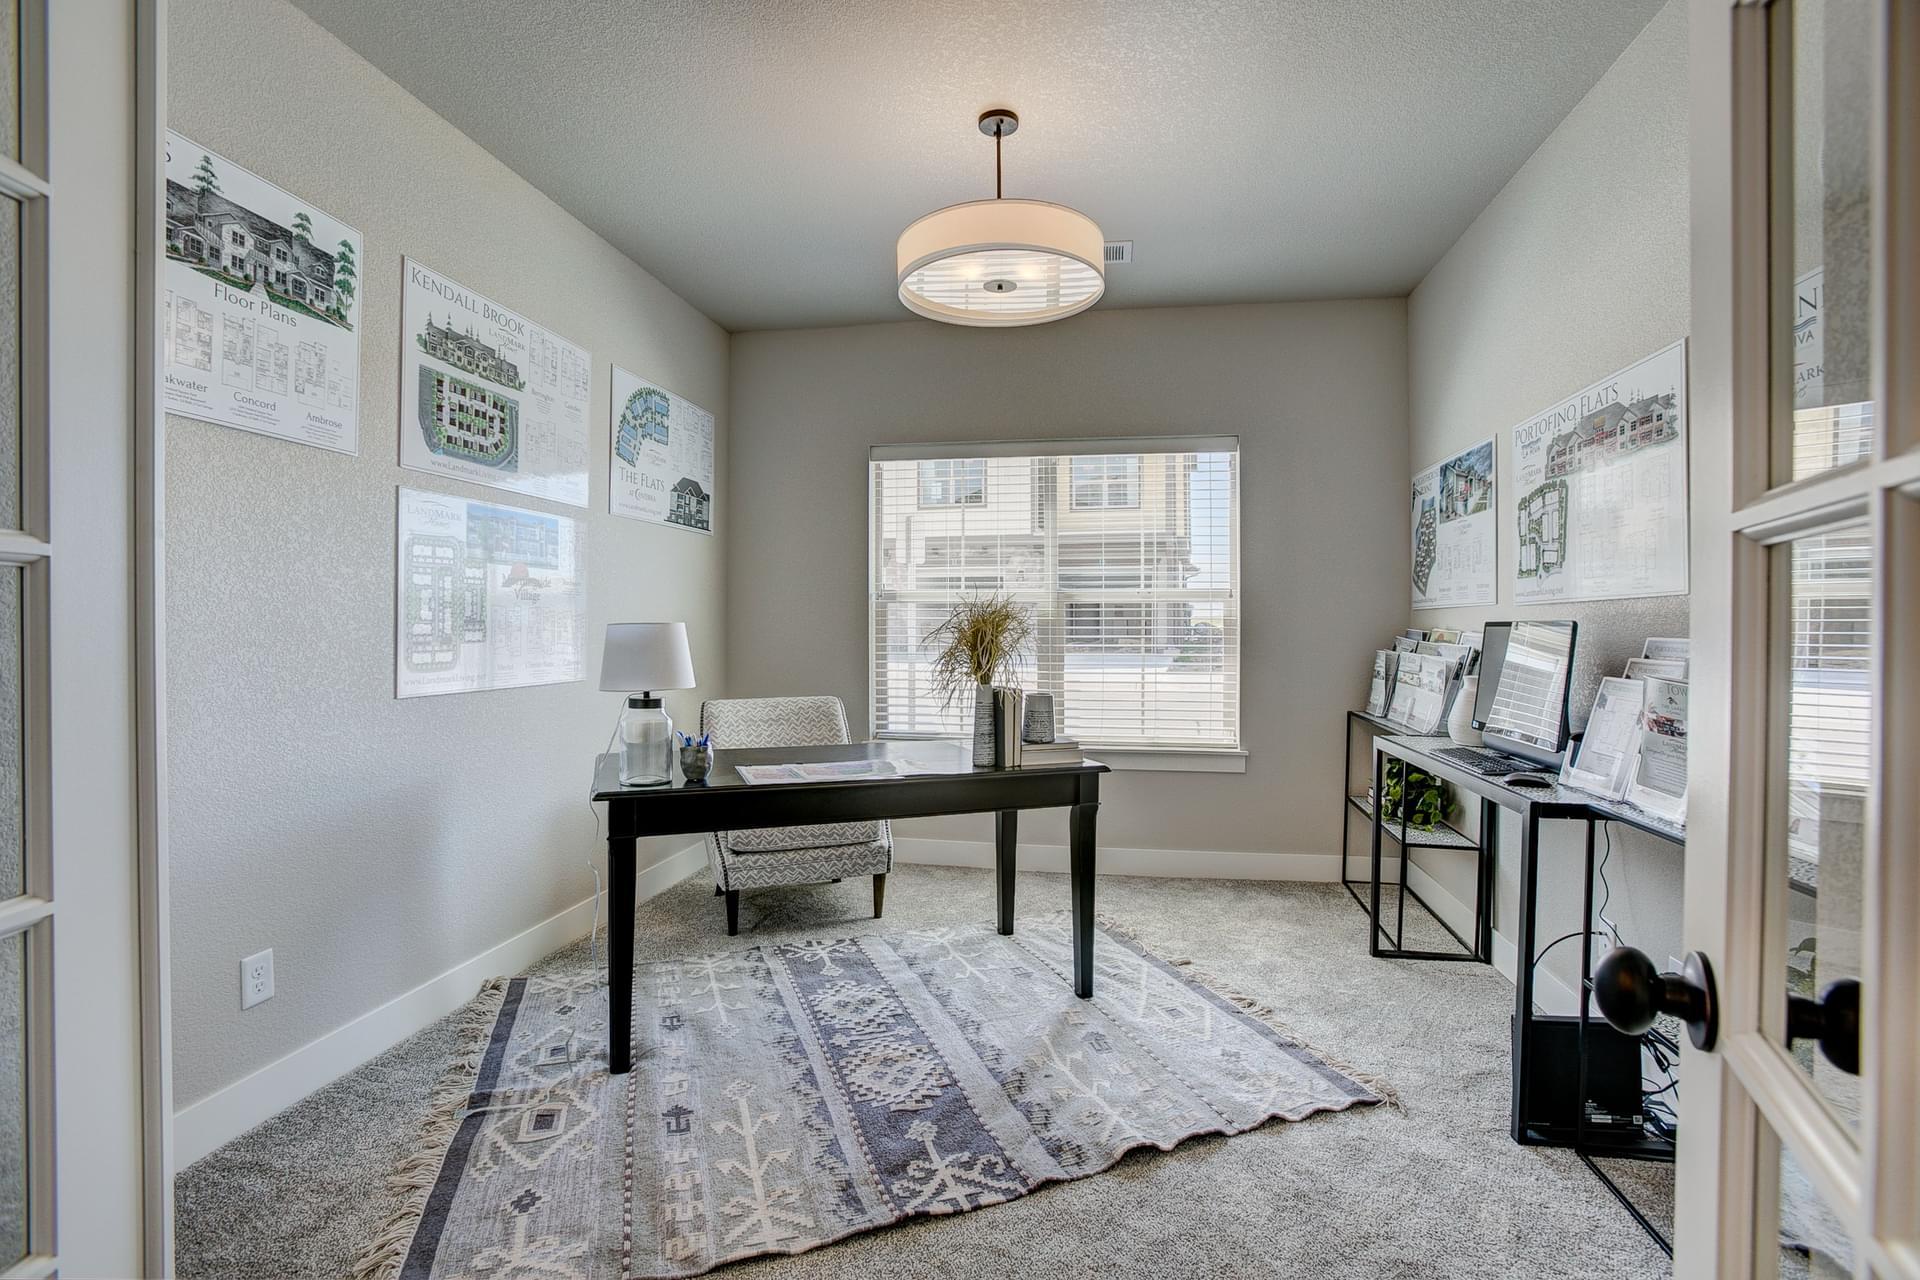 Bedroom 2 / Opt Office -  Previous Cambridge Floor Plan